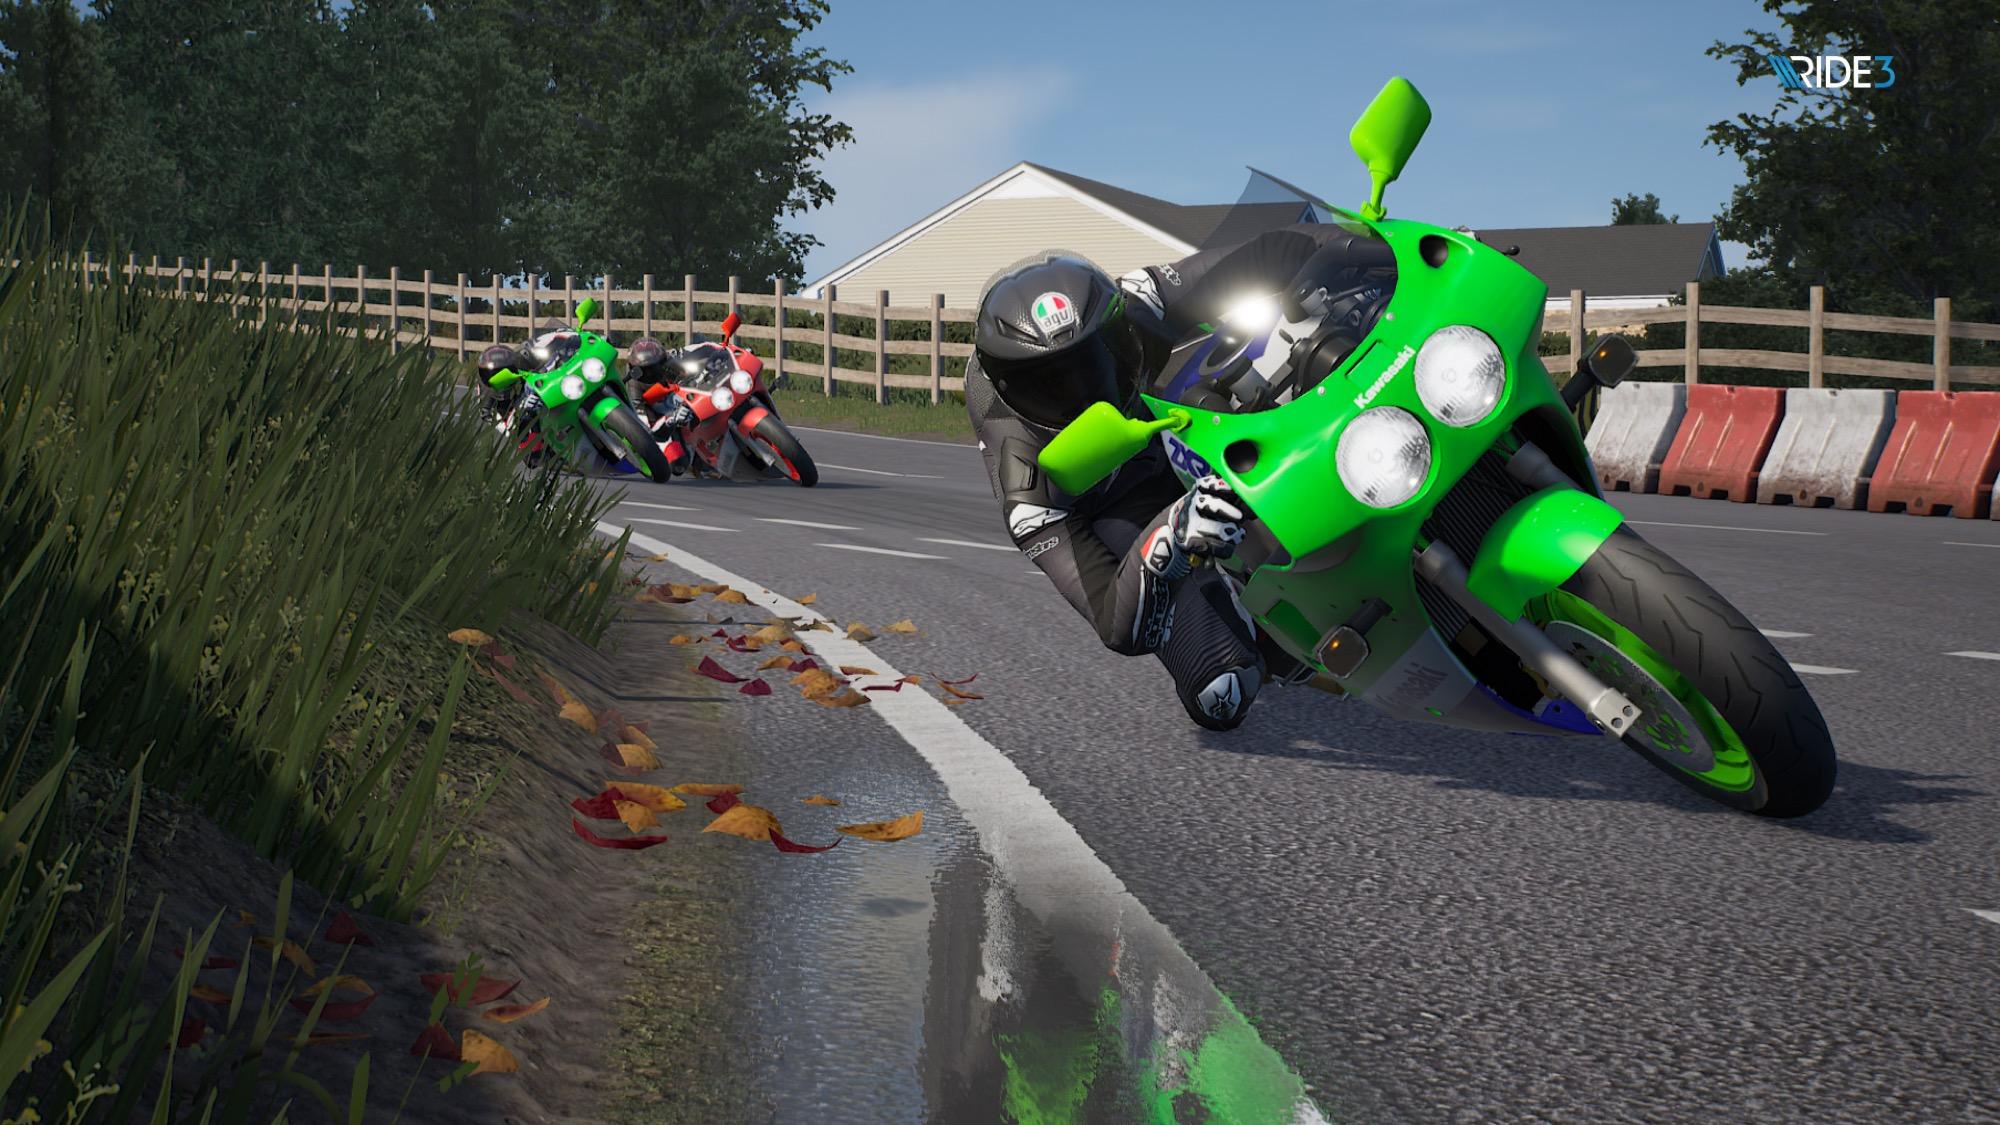 Análisis Ride 3, reactivando el motociclismo con el videojuego